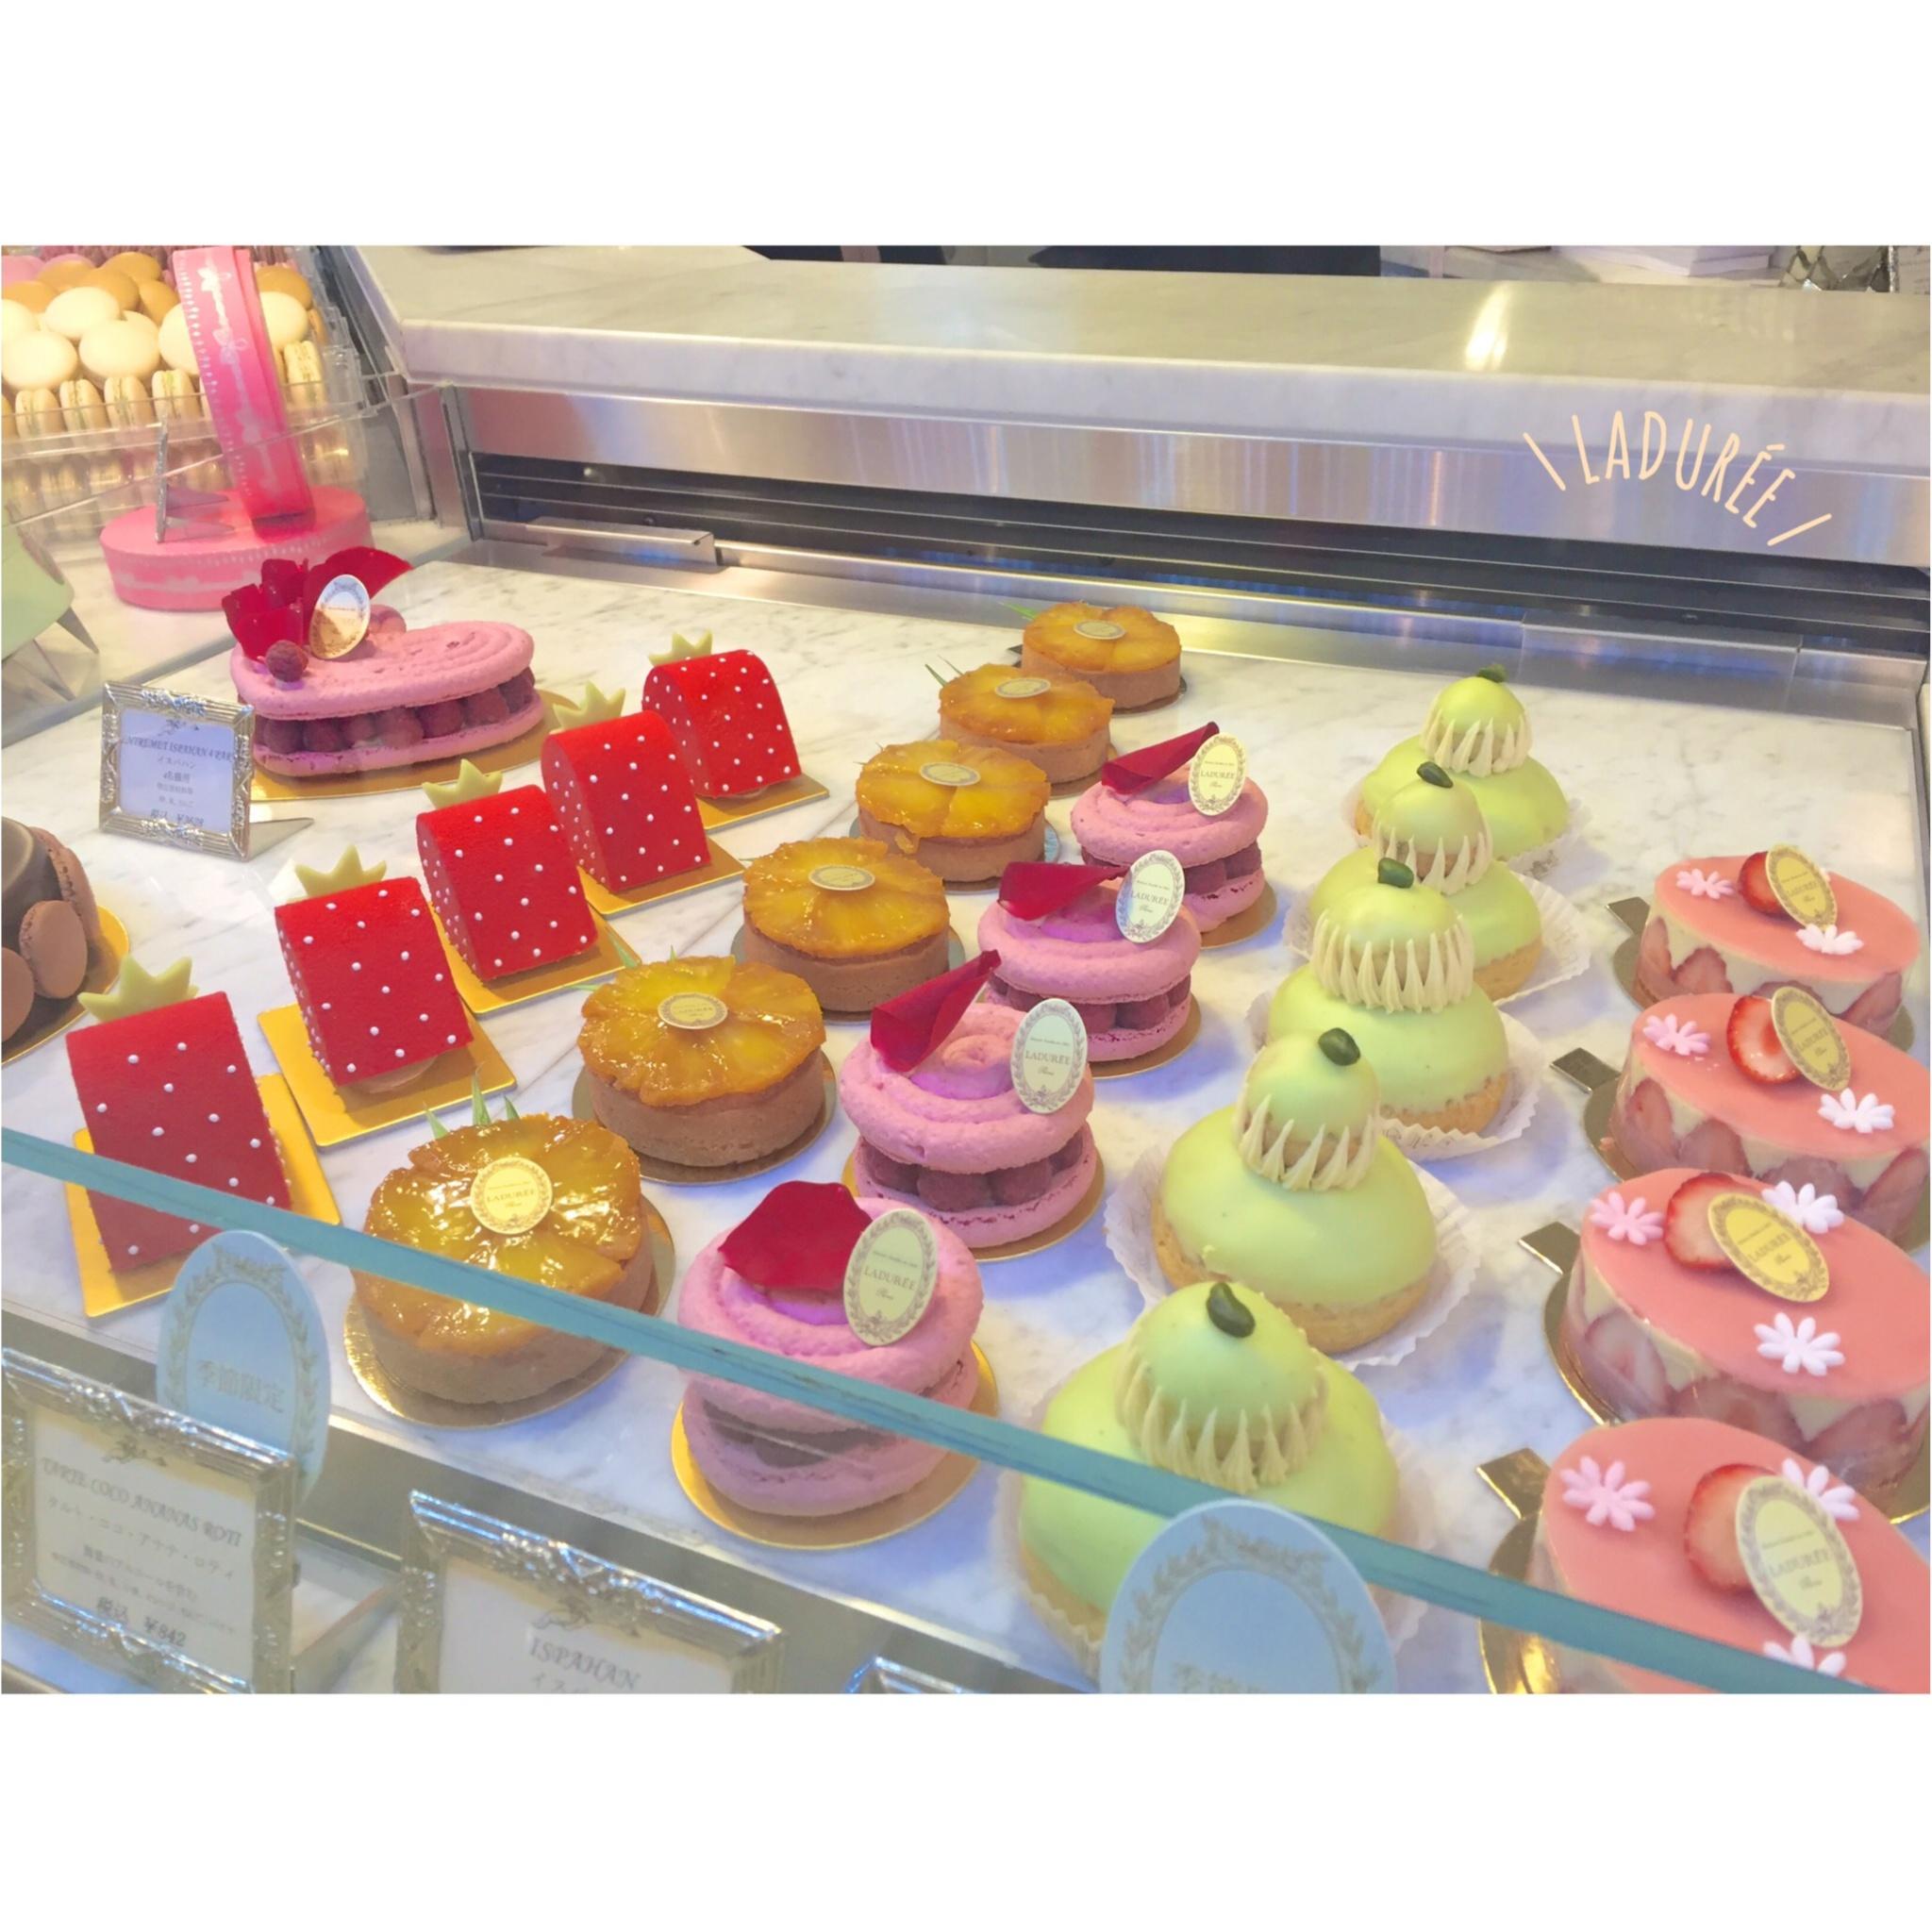 【FOOD】ときめきがとまらない♥!銀座「LADURÉE」でCafe Time⑅_1